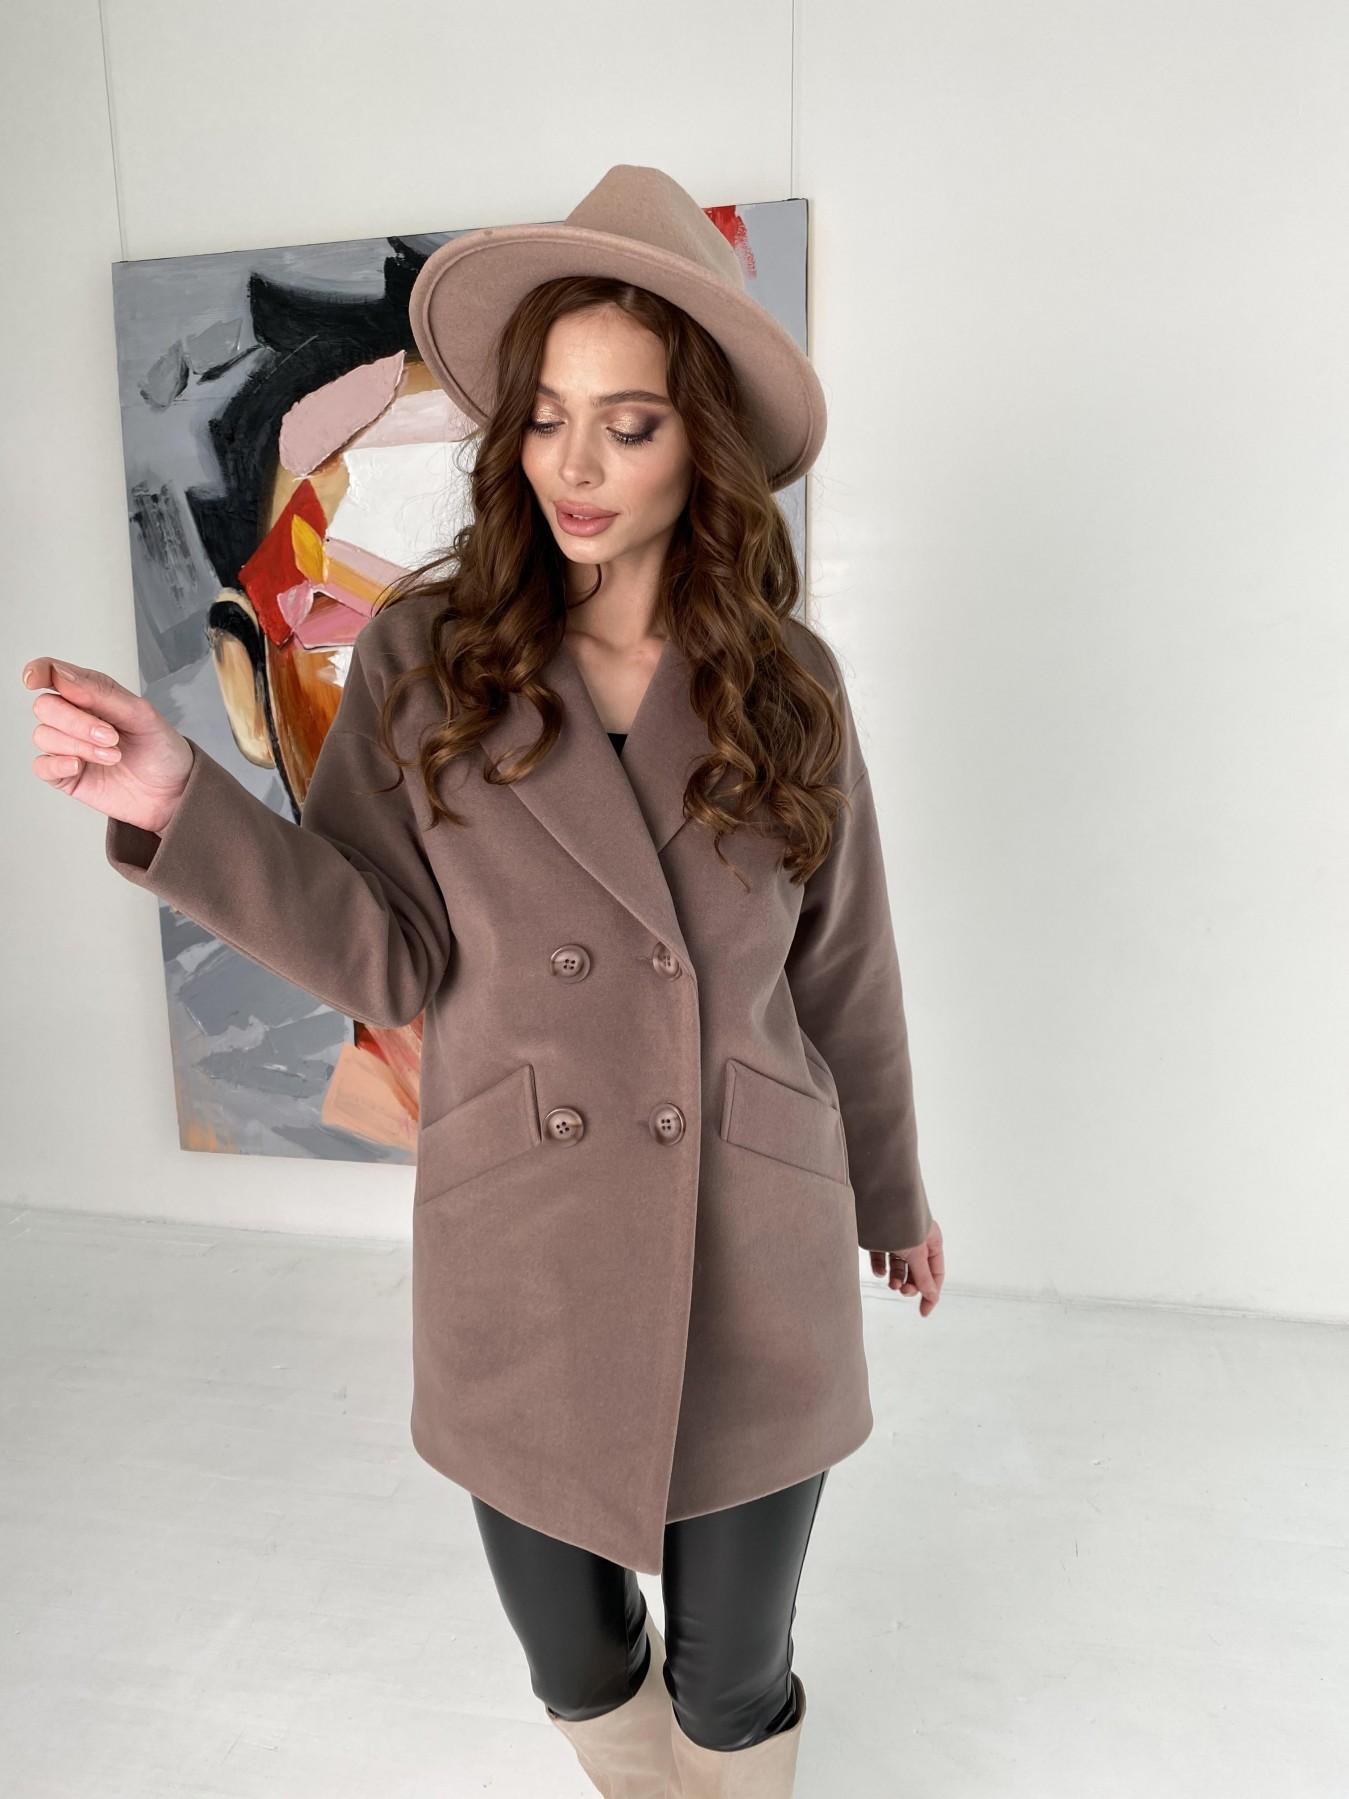 Бонд пальто кашемировое на трикотаже 10642 АРТ. 47009 Цвет: Кофе - фото 2, интернет магазин tm-modus.ru